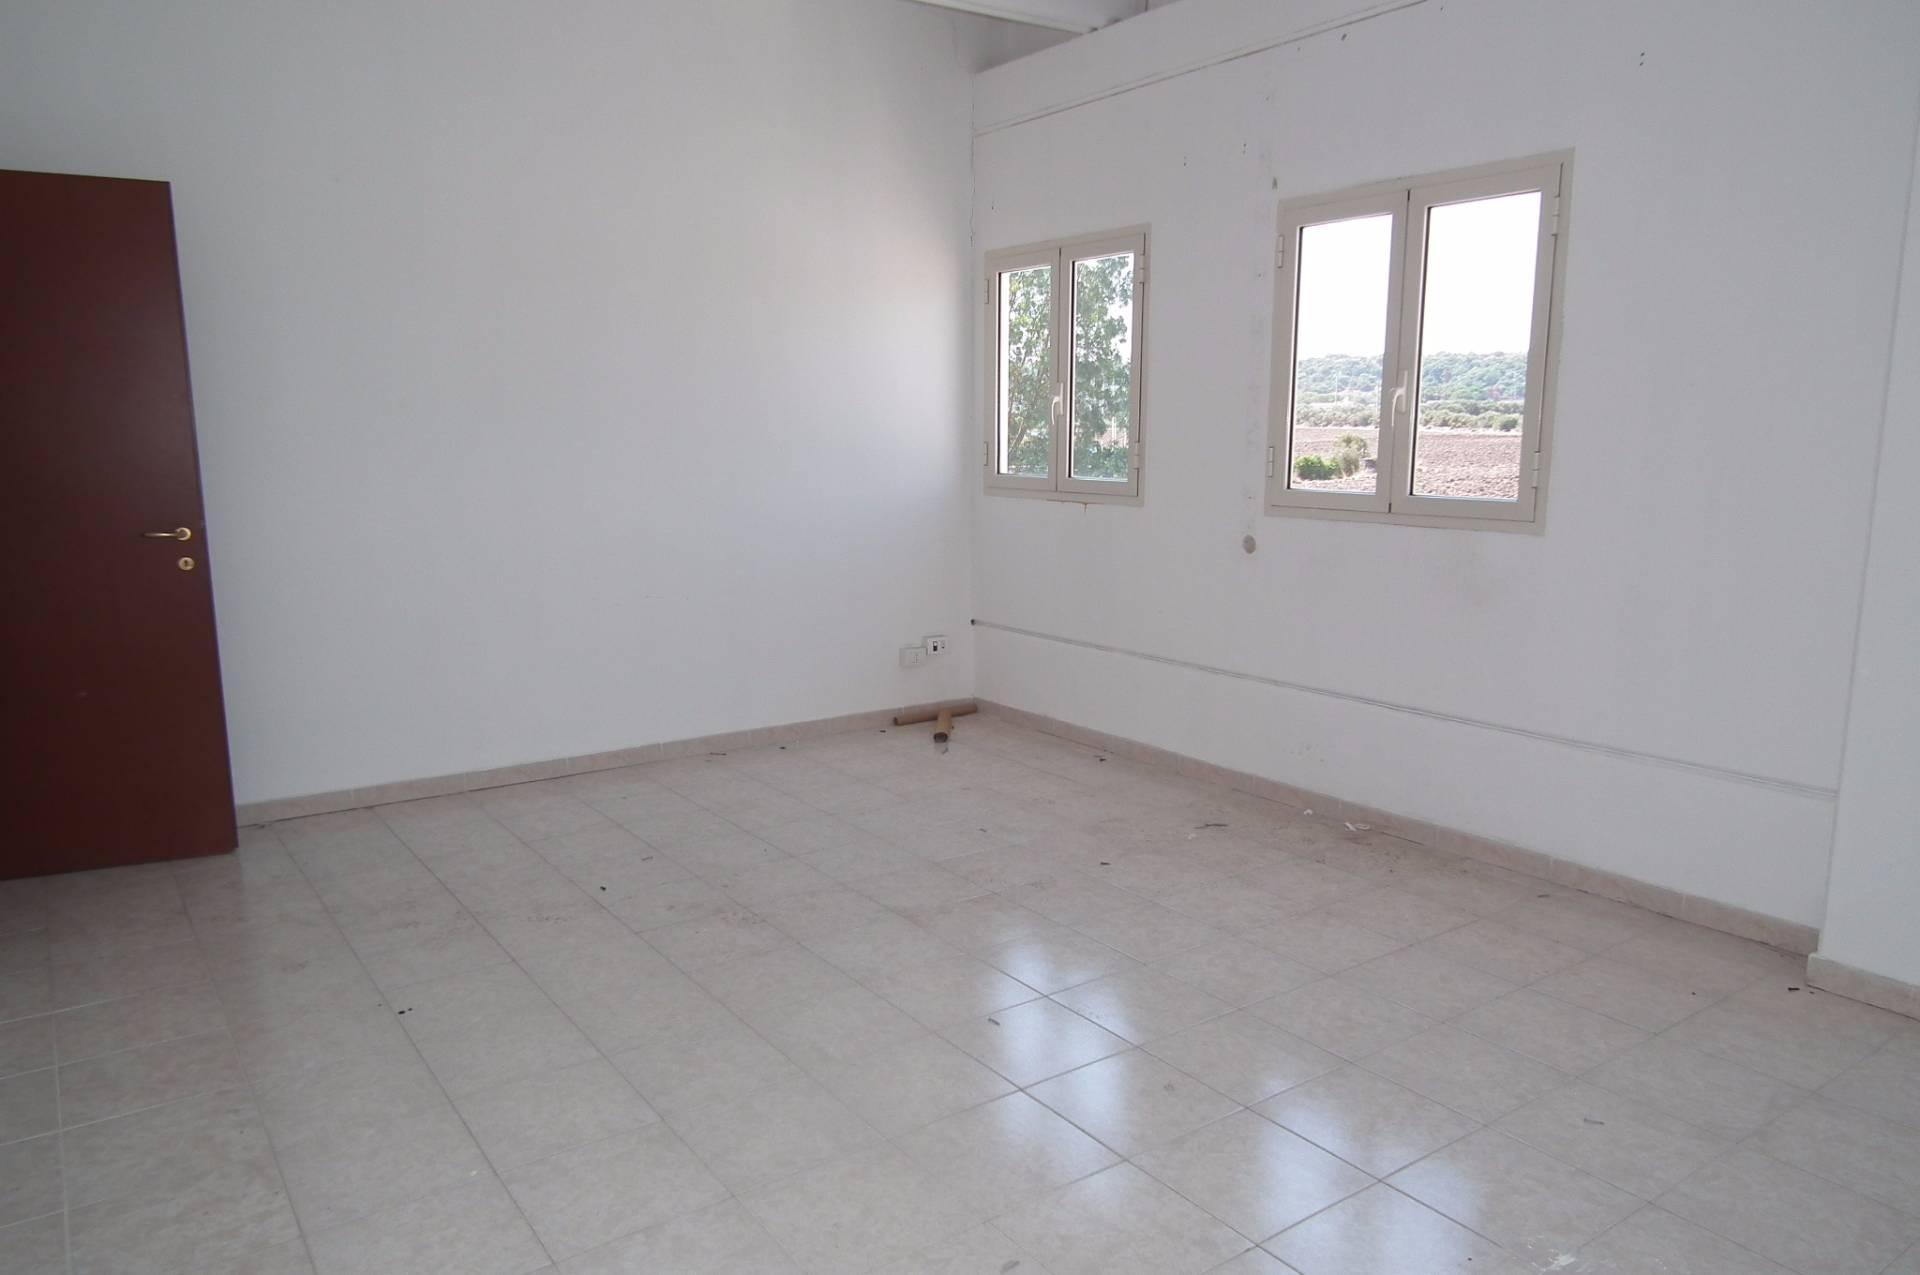 Capannone in affitto a Siracusa, 9999 locali, prezzo € 3.500 | Cambio Casa.it